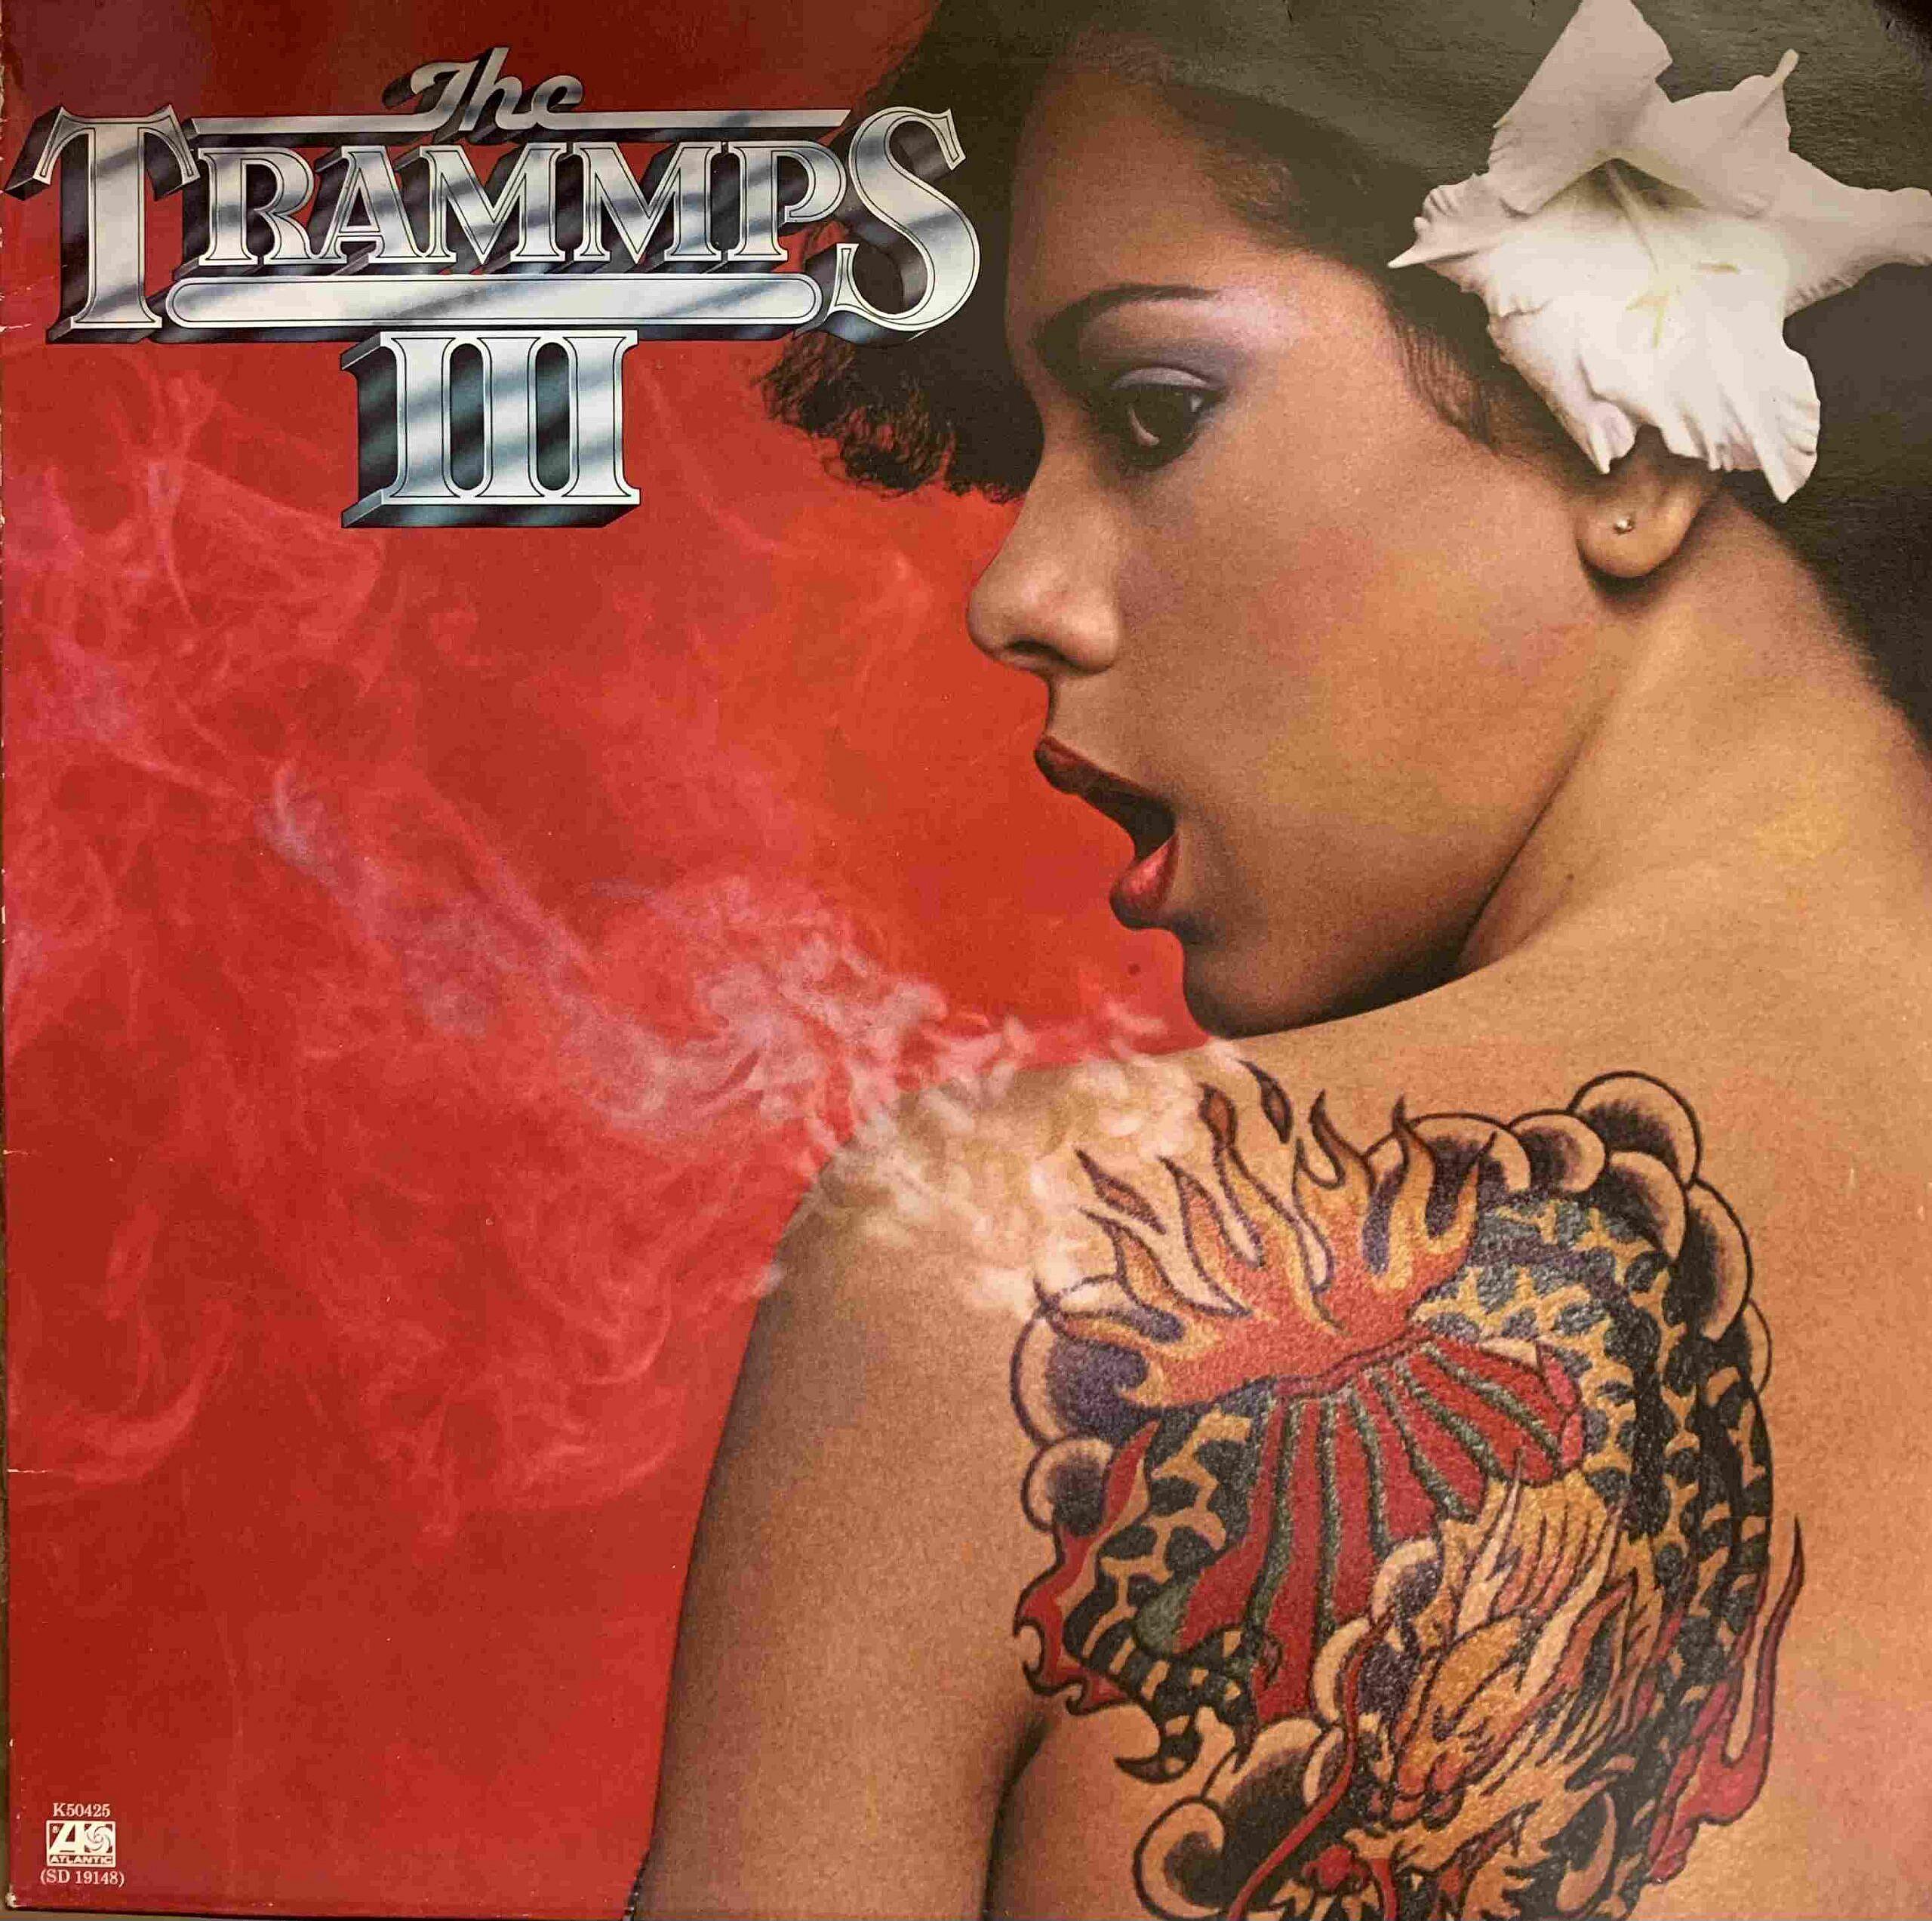 Trammps III